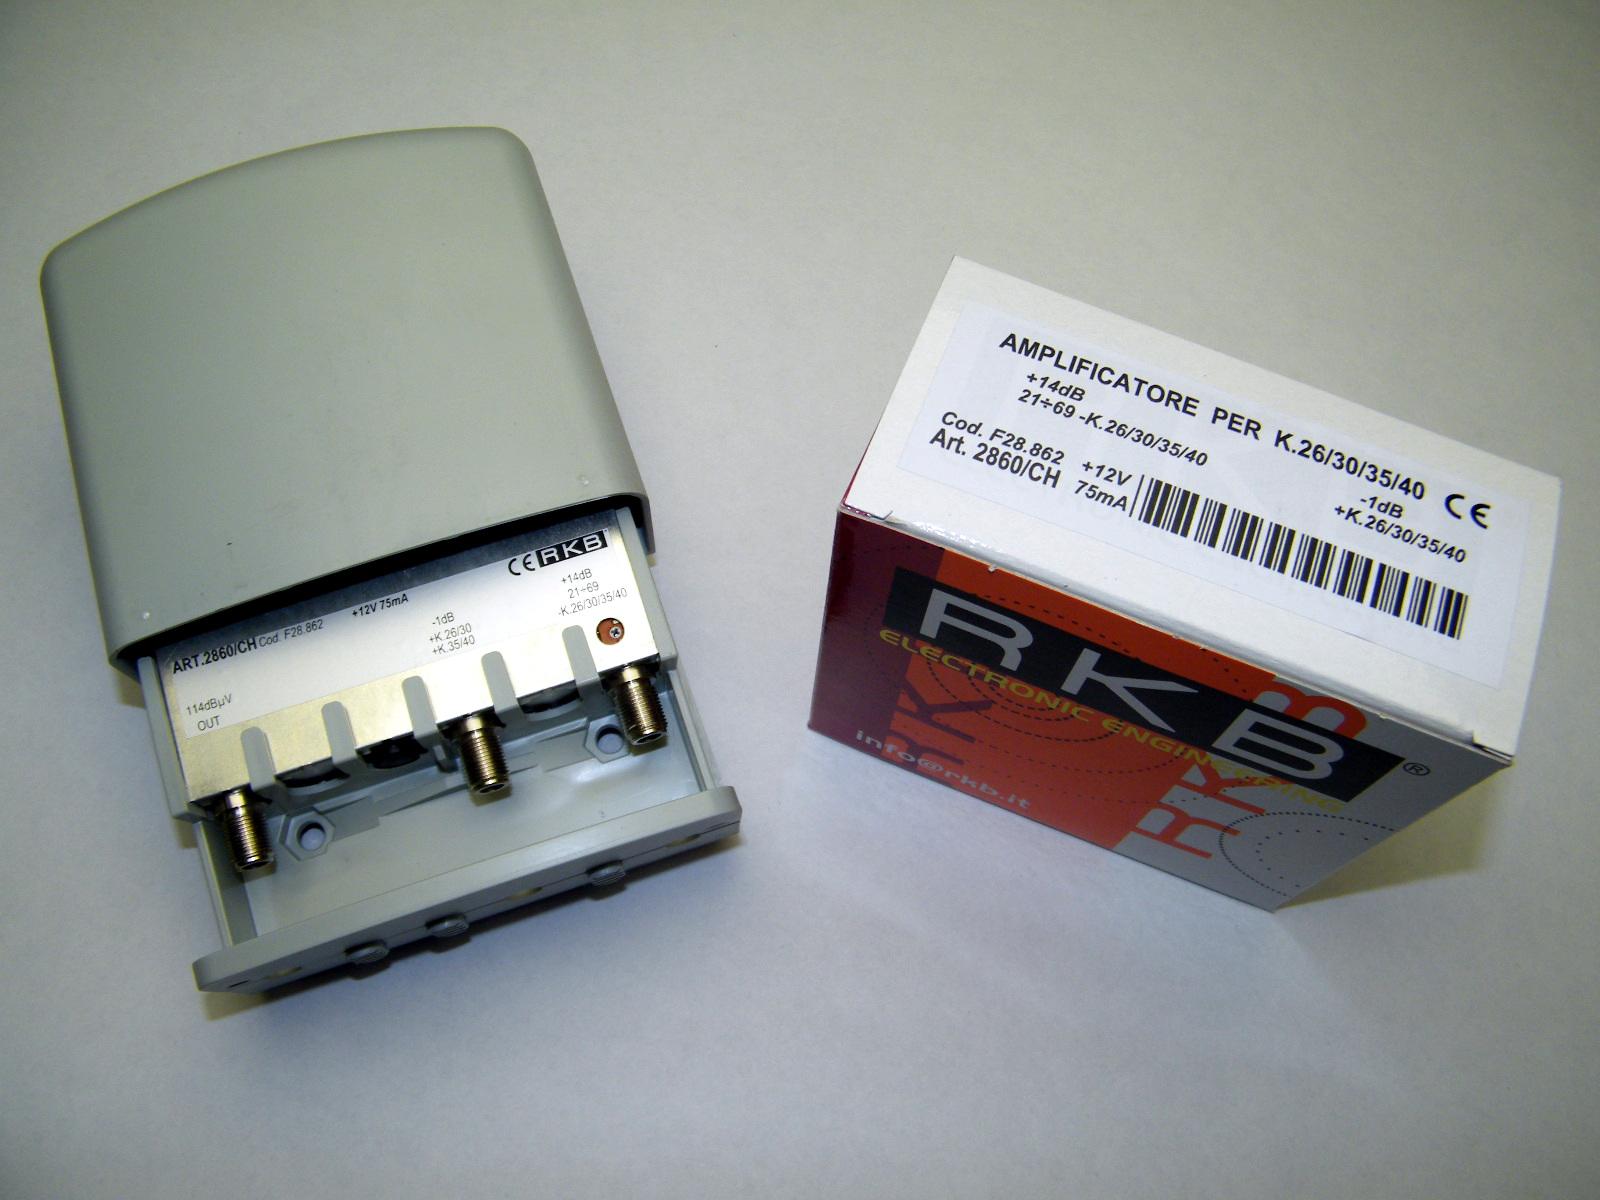 Amplificatore x 4 Mux Rai 26/30/35/40 14dB 21:60-K/K 0dB 114dBuV 45mA 2860CH3